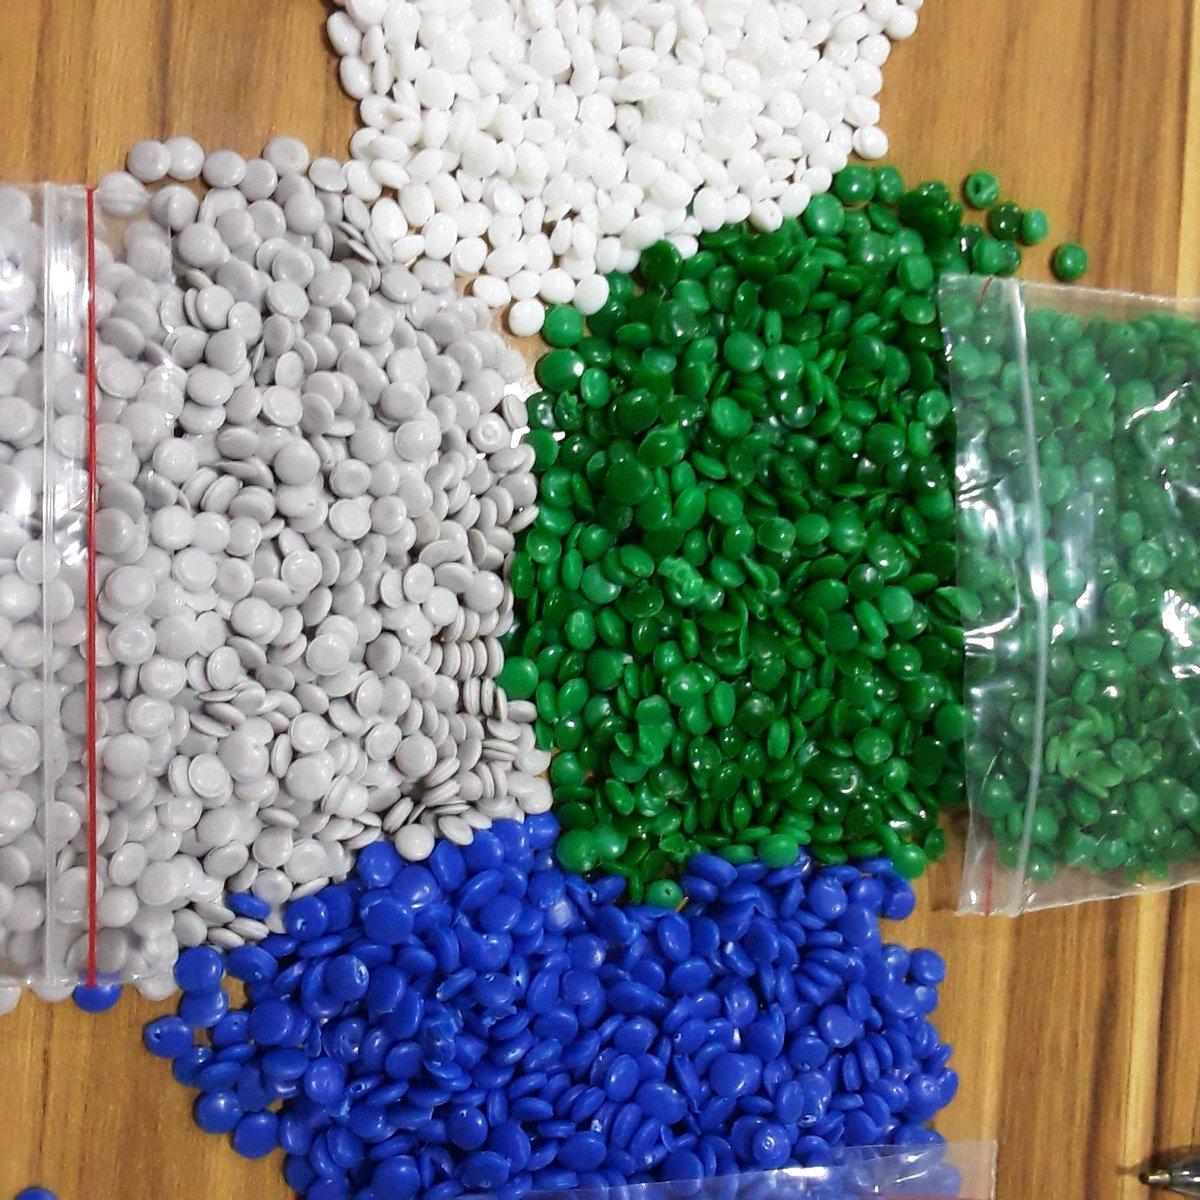 مصنع حبيبات البلاستيك